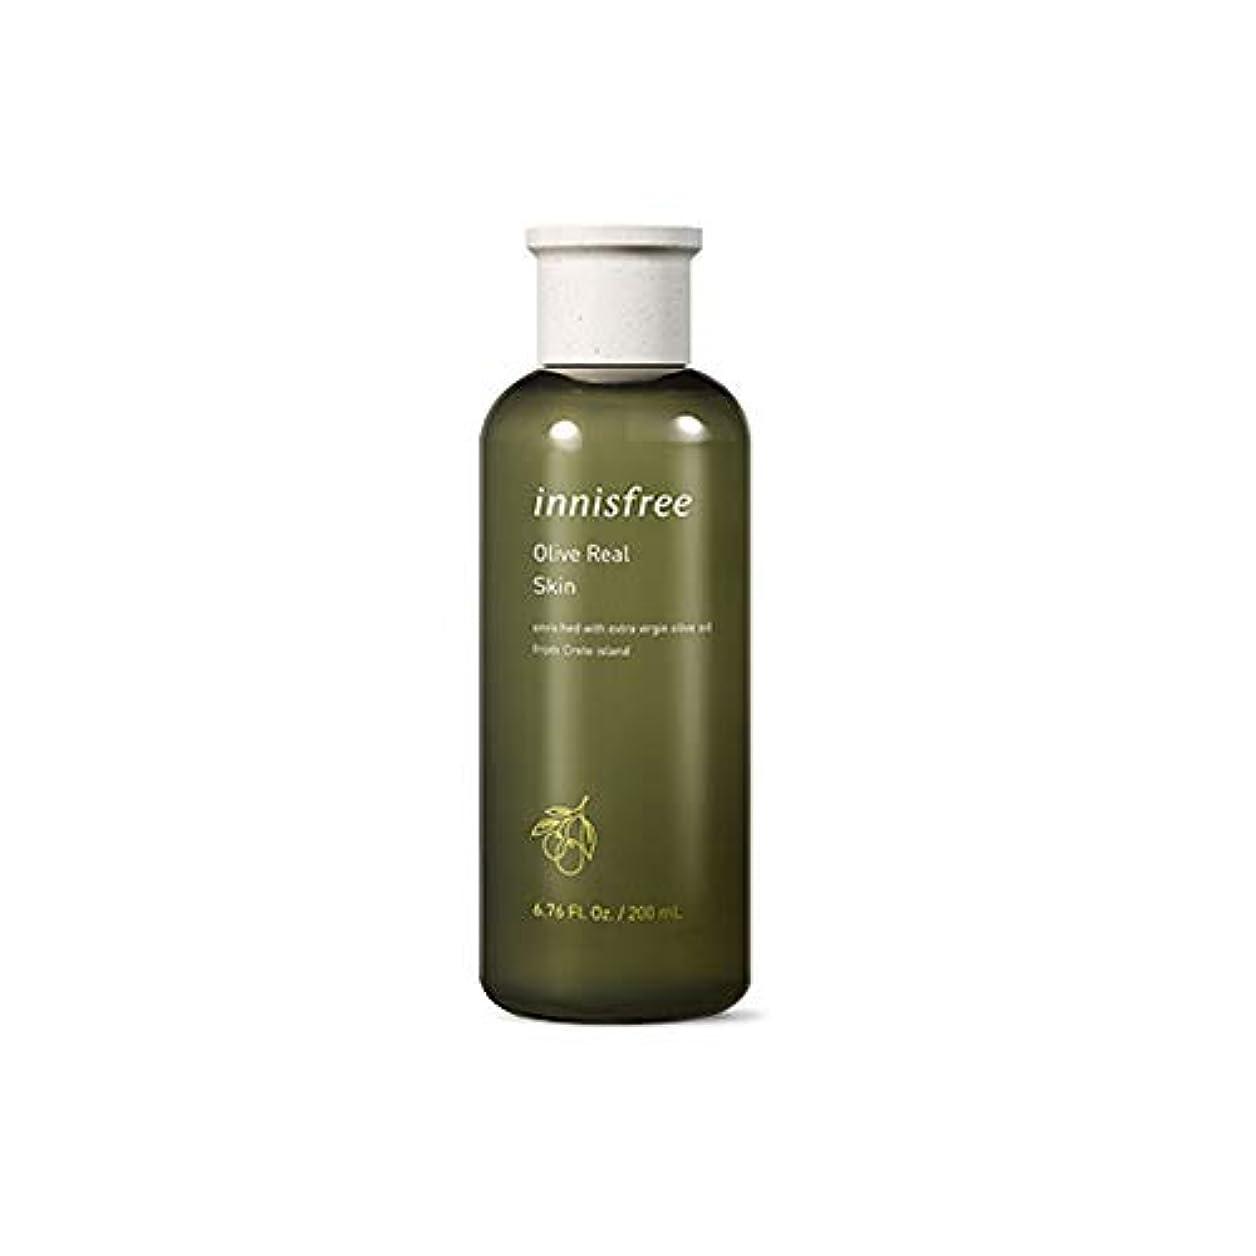 メッセンジャーマットレス賞NEW[イニスフリー] Innisfree オリーブ リアル スキンEX (200ml) Innisfree Olive Real Skin EX(200ml) [海外直送品]